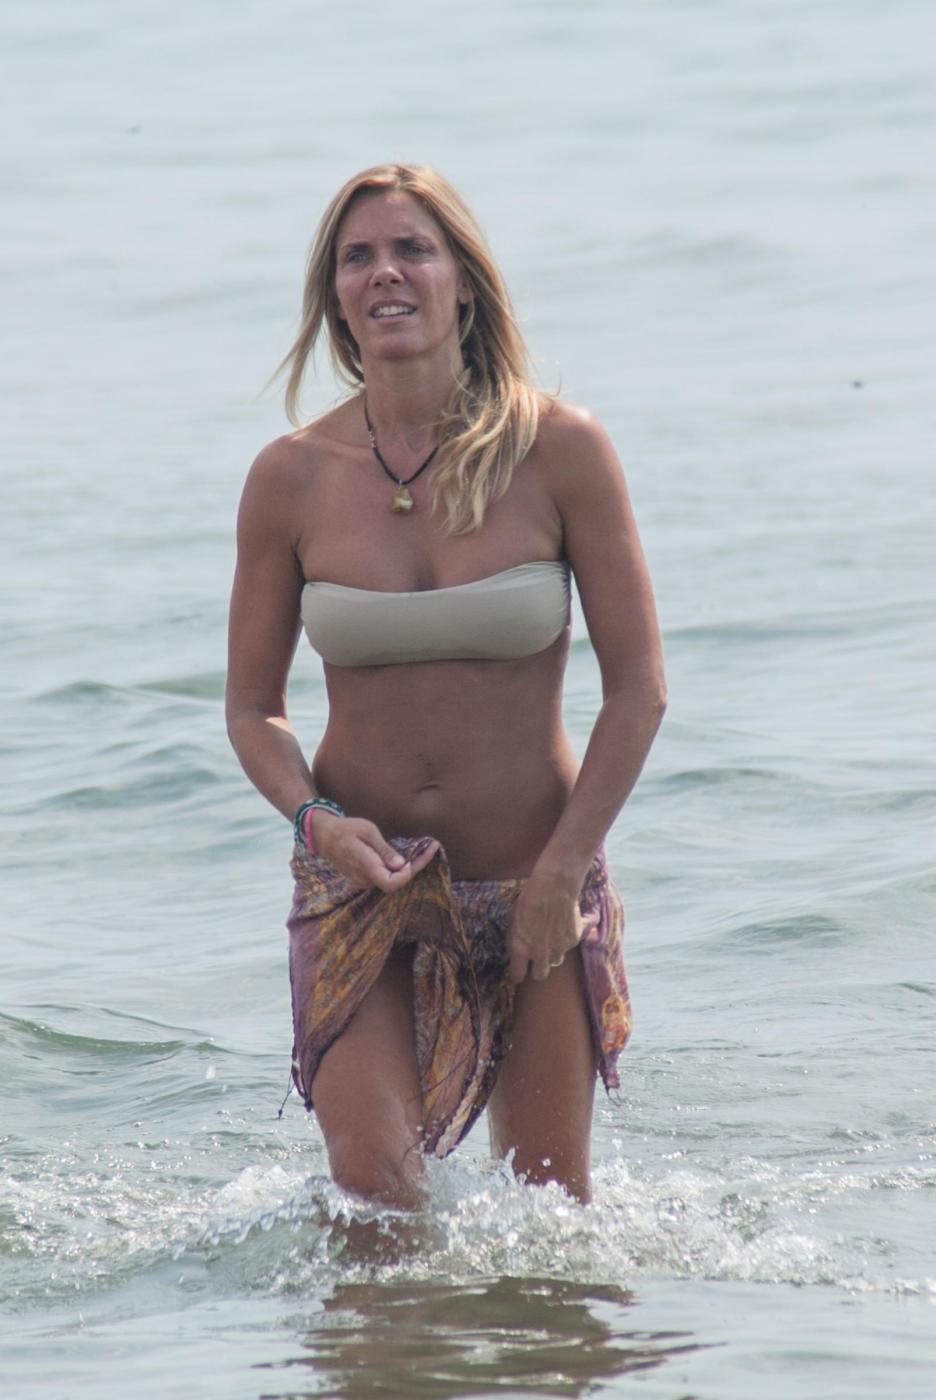 Deborah Roversi, l'ex di Pirlo sfoggia gran forma fisica